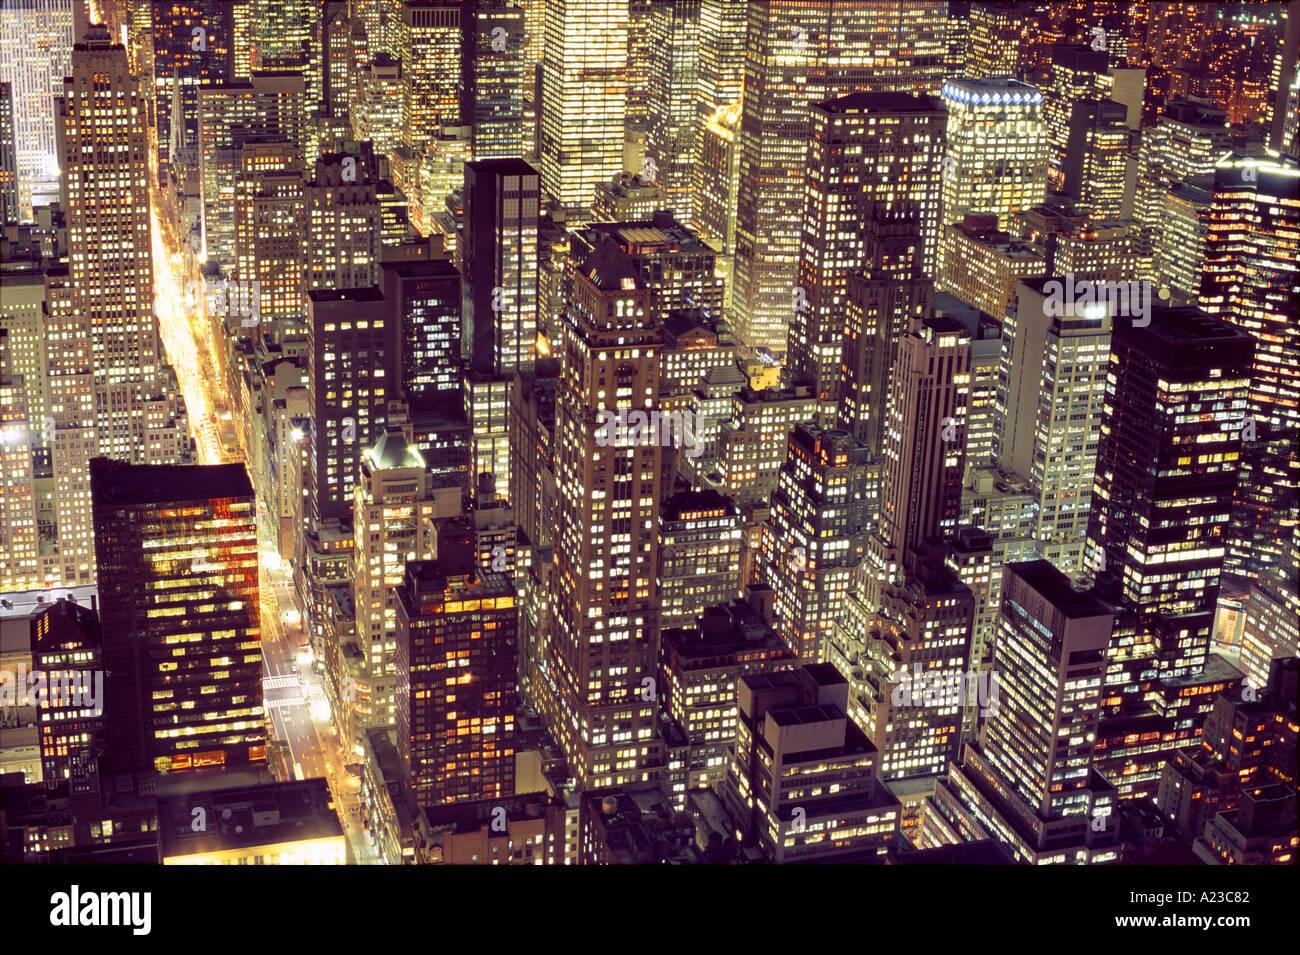 Nueva York La Ciudad de Nueva York vista aérea de Manhattan por la noche Imagen De Stock